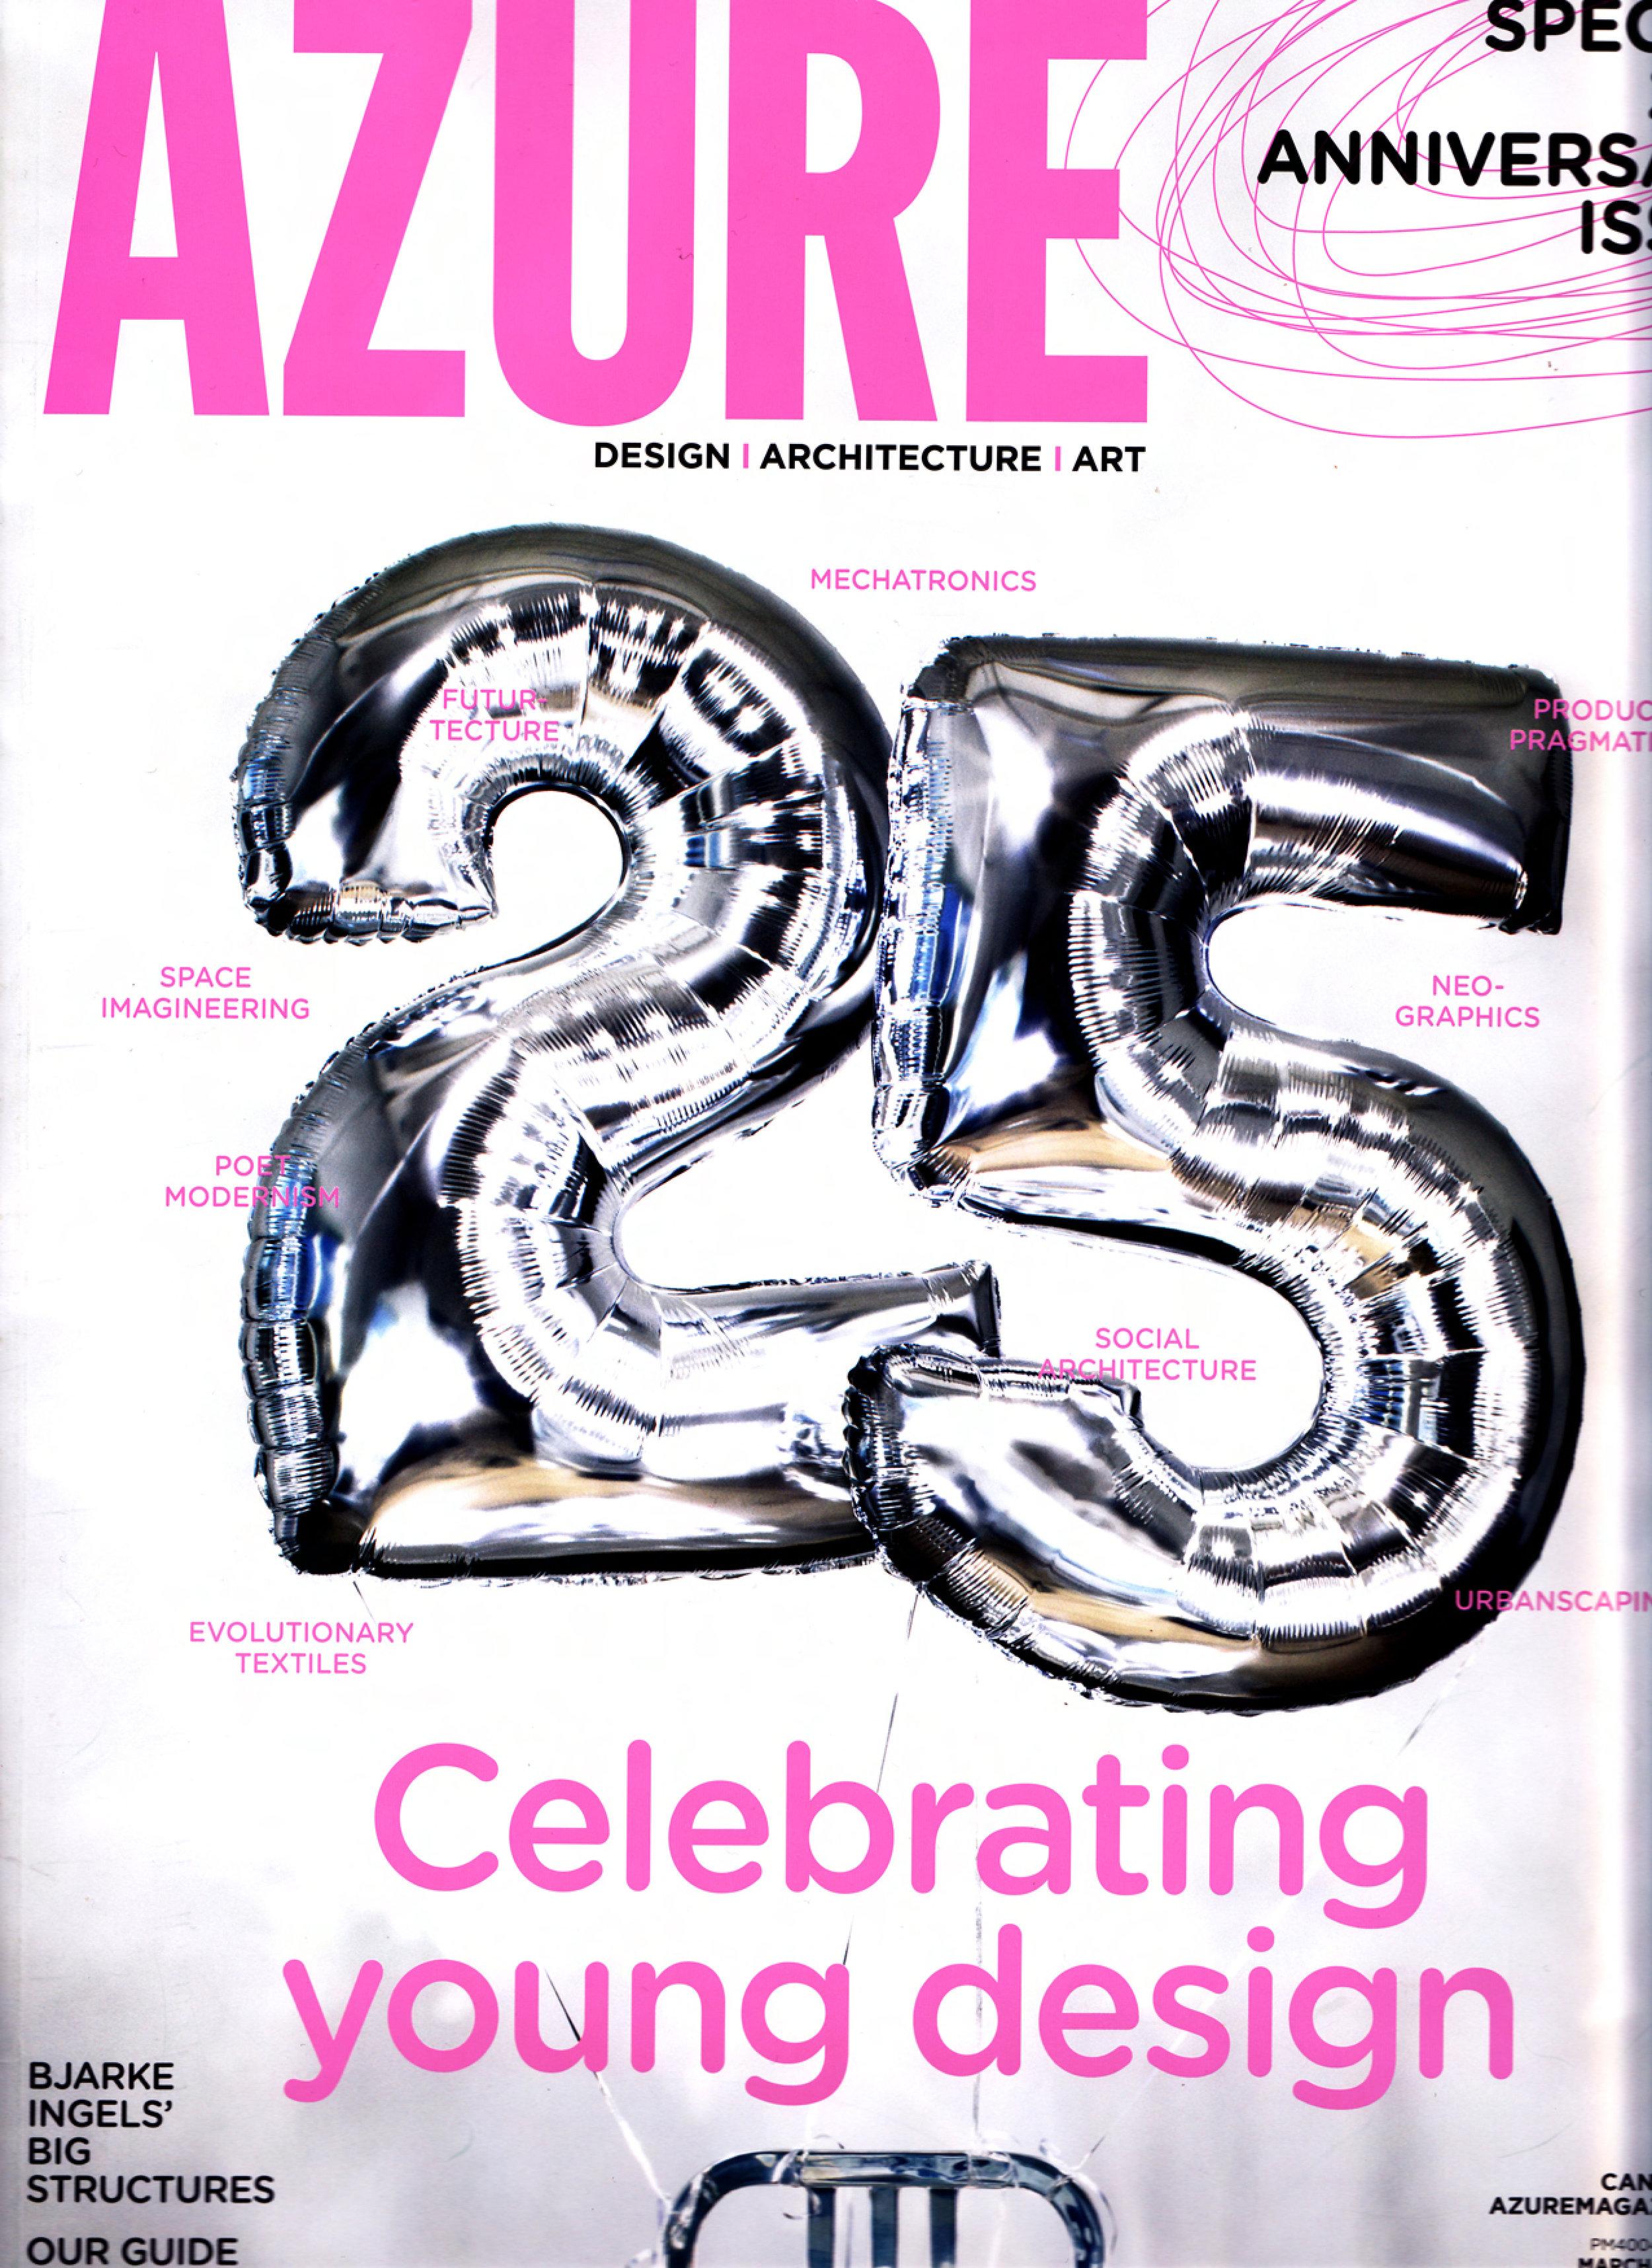 Rennie Gallery - Azure 2010 -